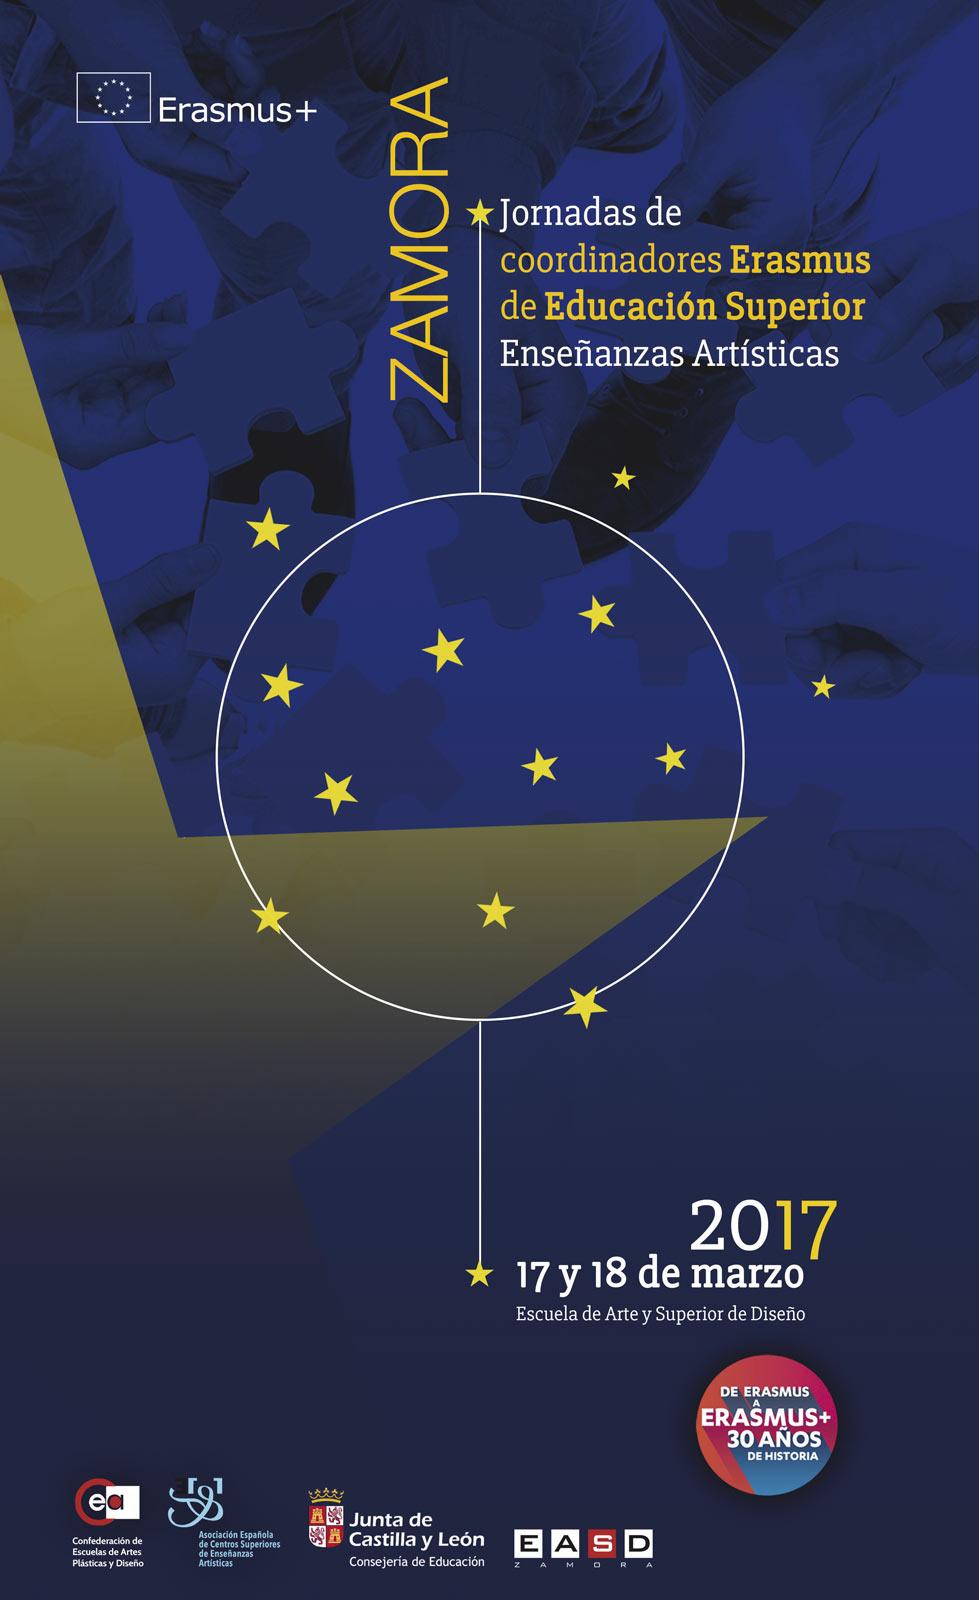 Jornadas de coordinadores Erasmus de Enseñanzas Artísticas en Zamora